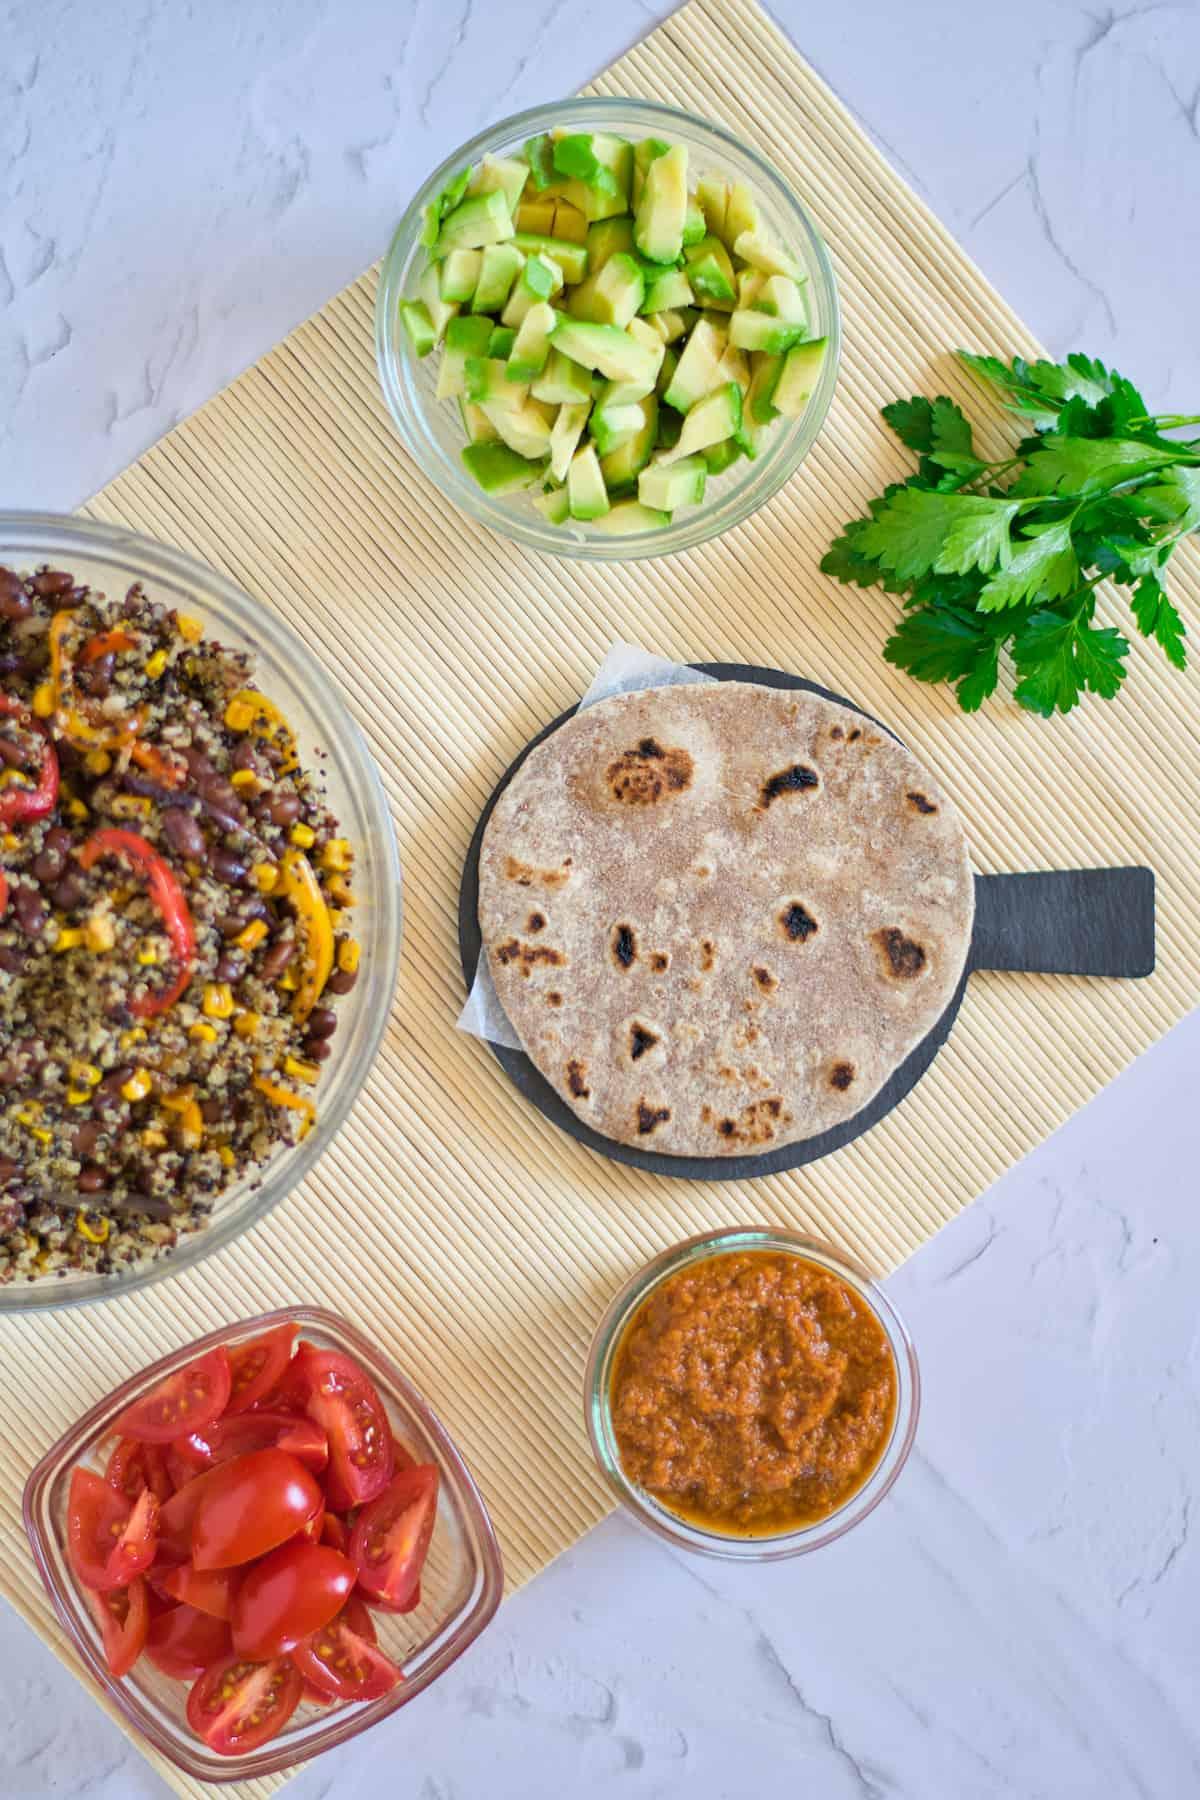 Avocado, quinoa mix, tortilla, salsa, tomatoes on a mat.